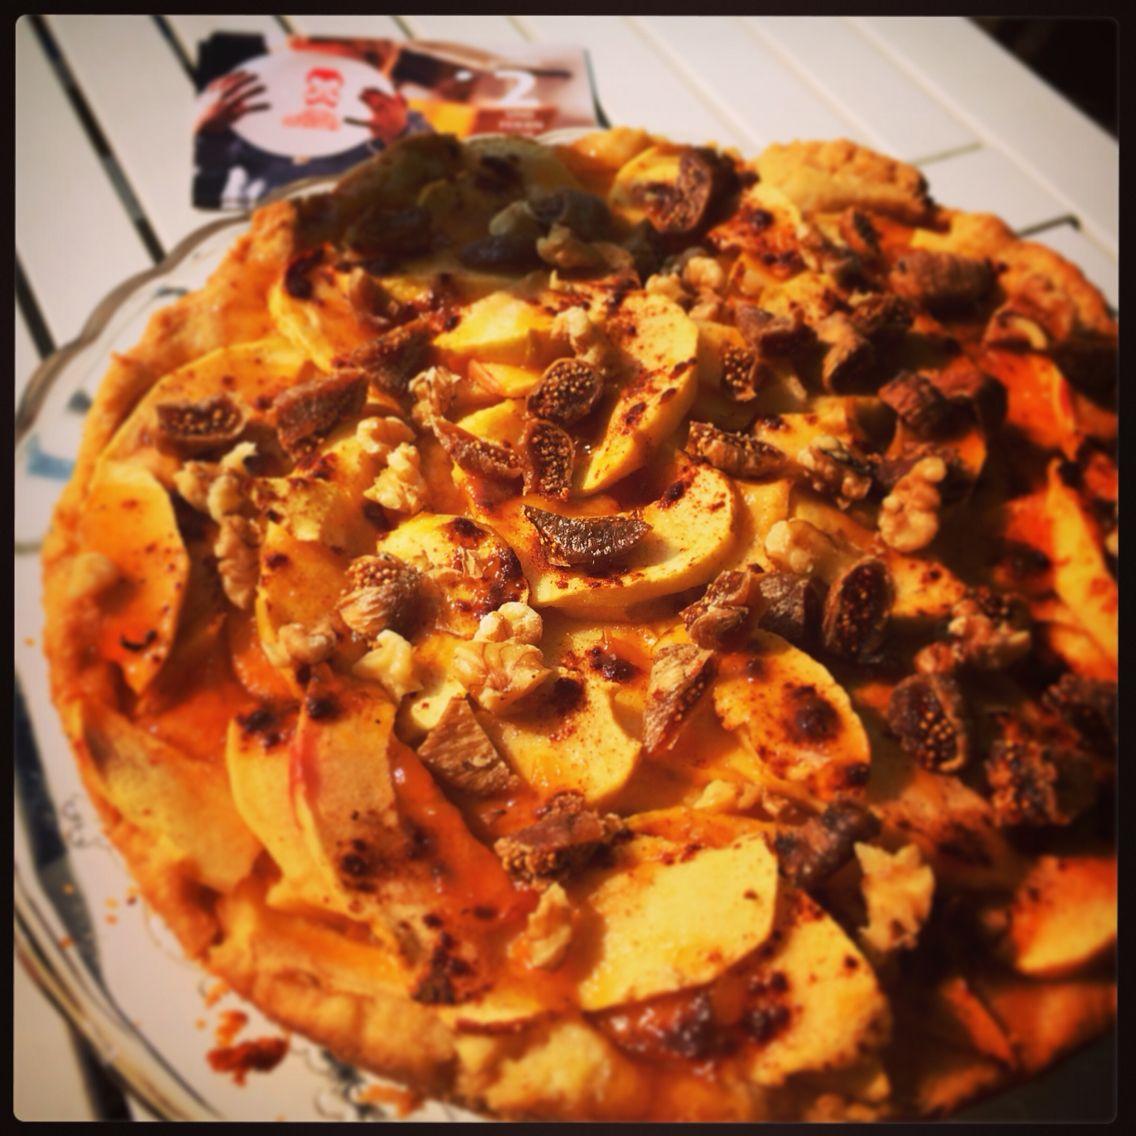 veganer italienischer apfelkuchen mit feigen-wallnusstopping!